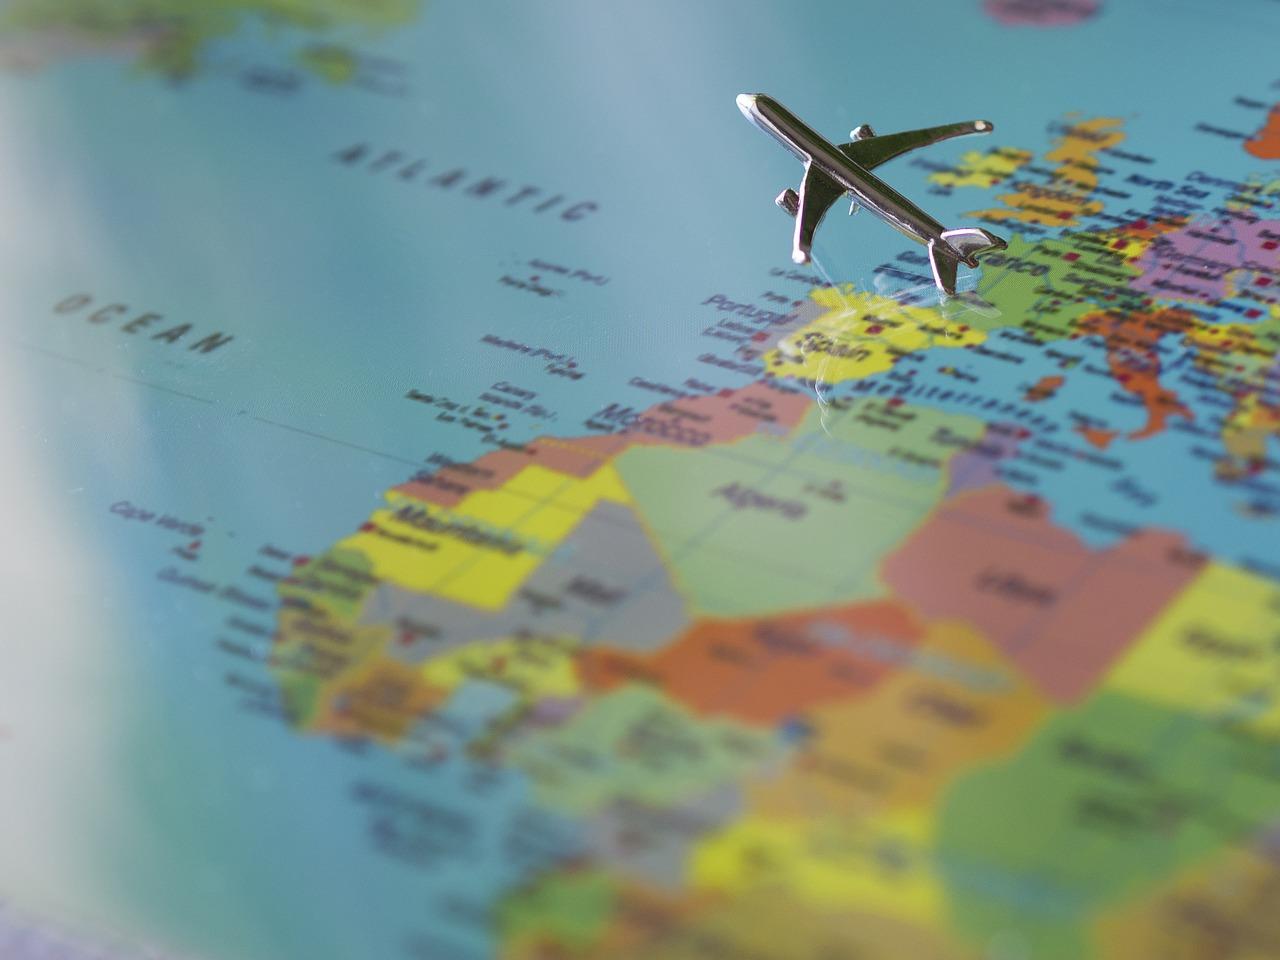 Kansainvälisen matkailumarkkinoinnin koulutusohjelma - Helsinki -28.11.2018-10.12.2019